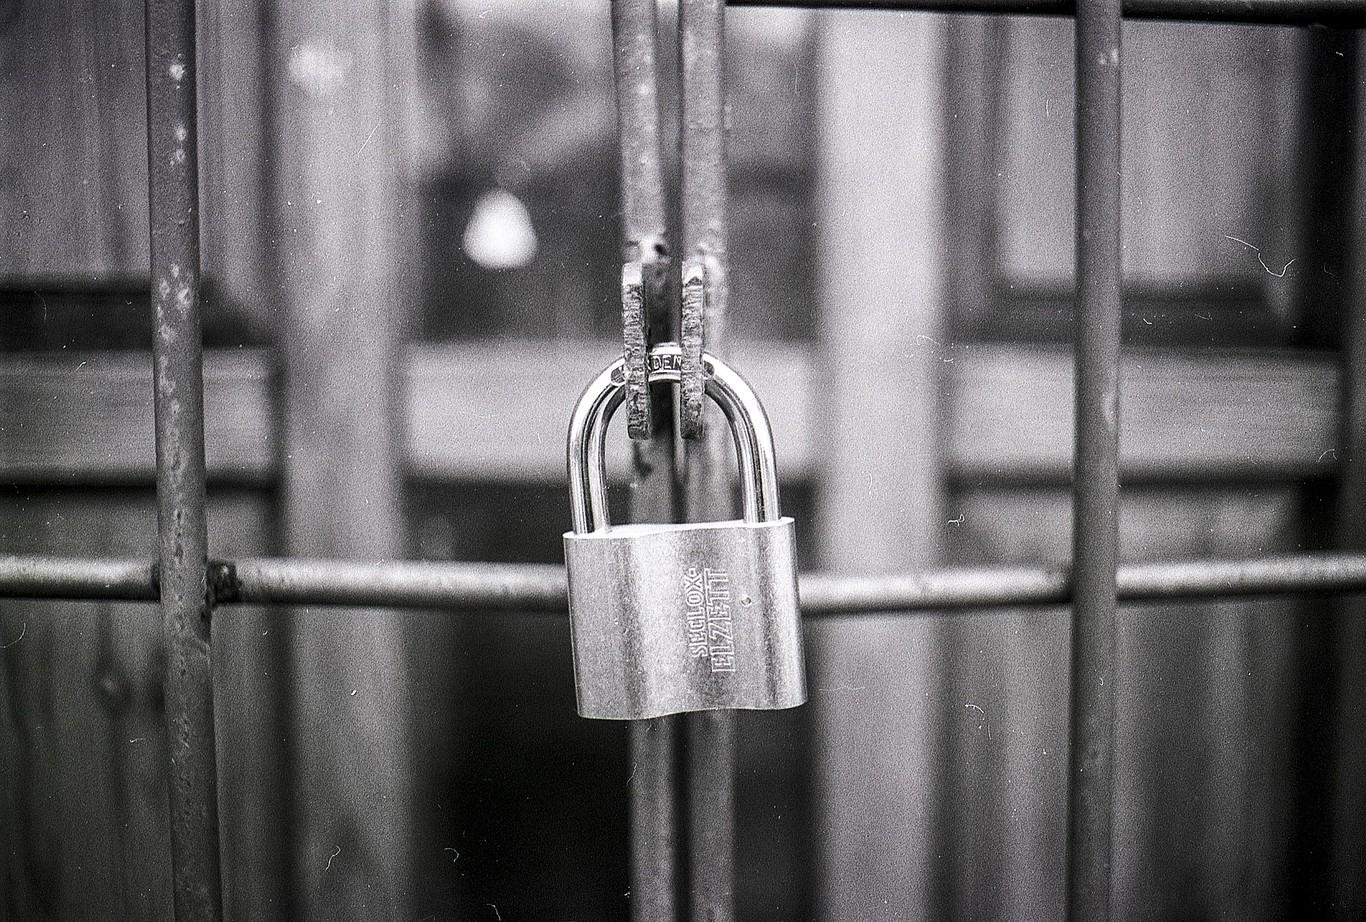 Sitio web seguro ¿qué es y para qué sirve?